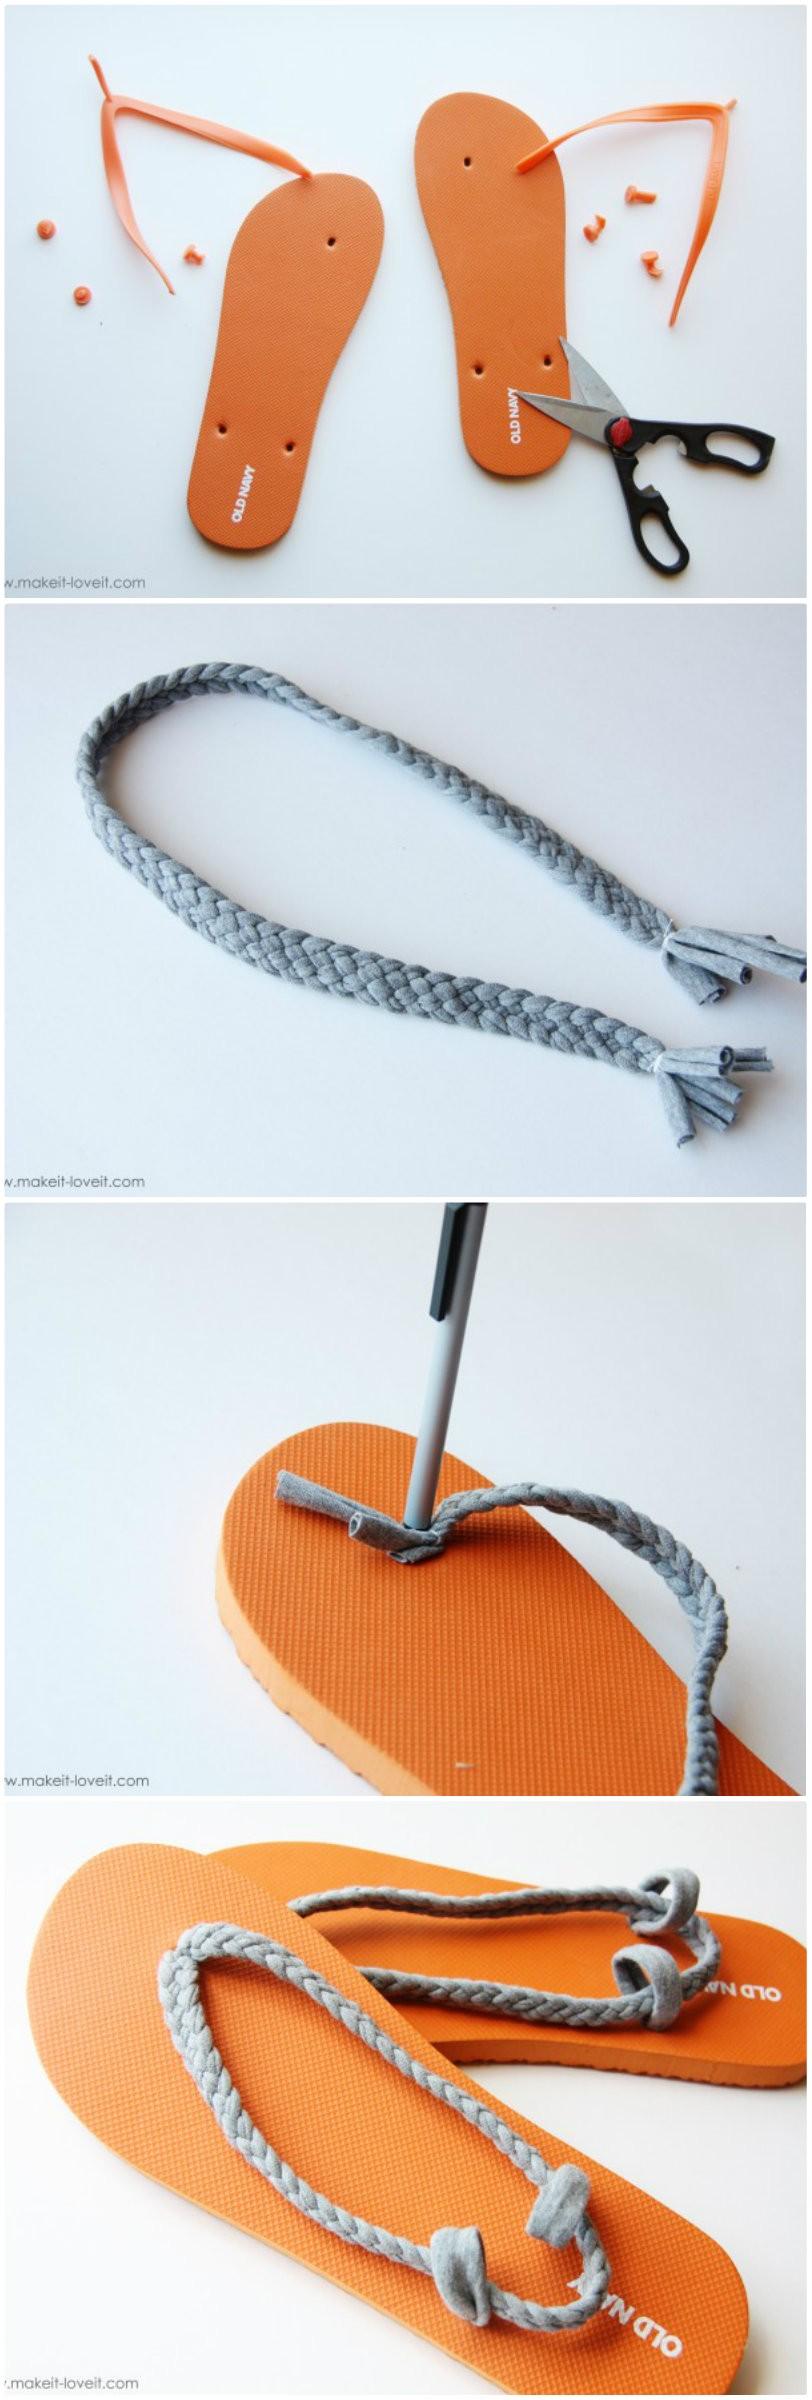 Flip-Flop-Collage-934x